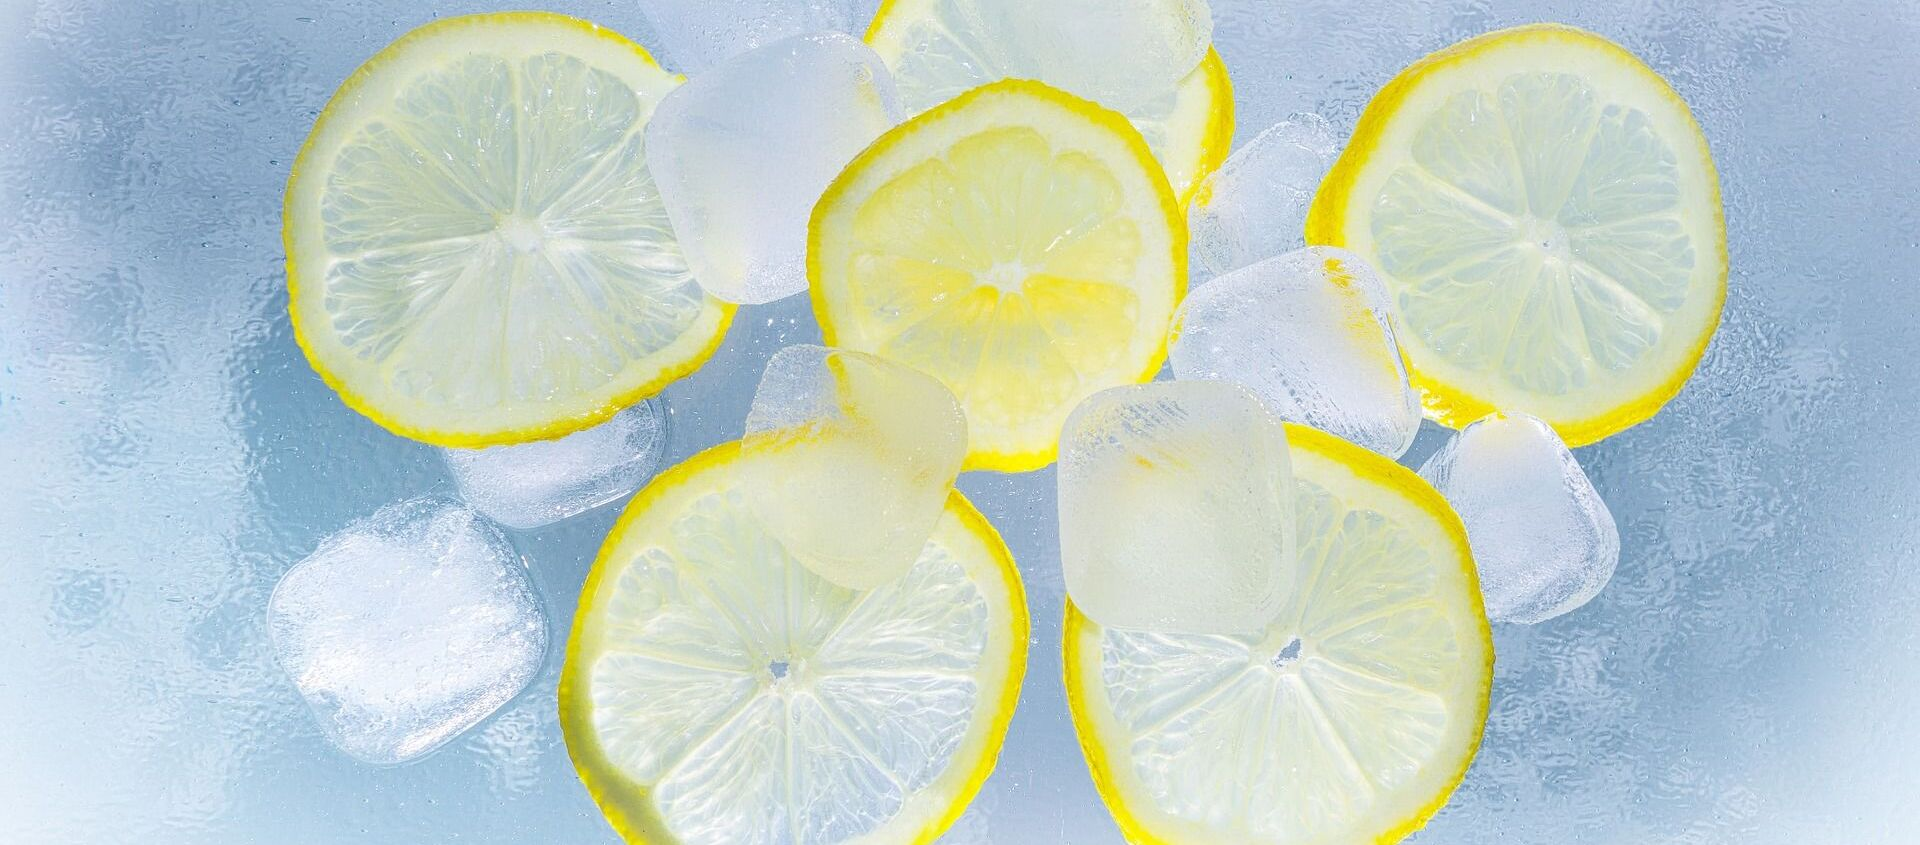 Unos cubitos de hielos y unas rodajas de limón (imagen referencial) - Sputnik Mundo, 1920, 09.01.2021